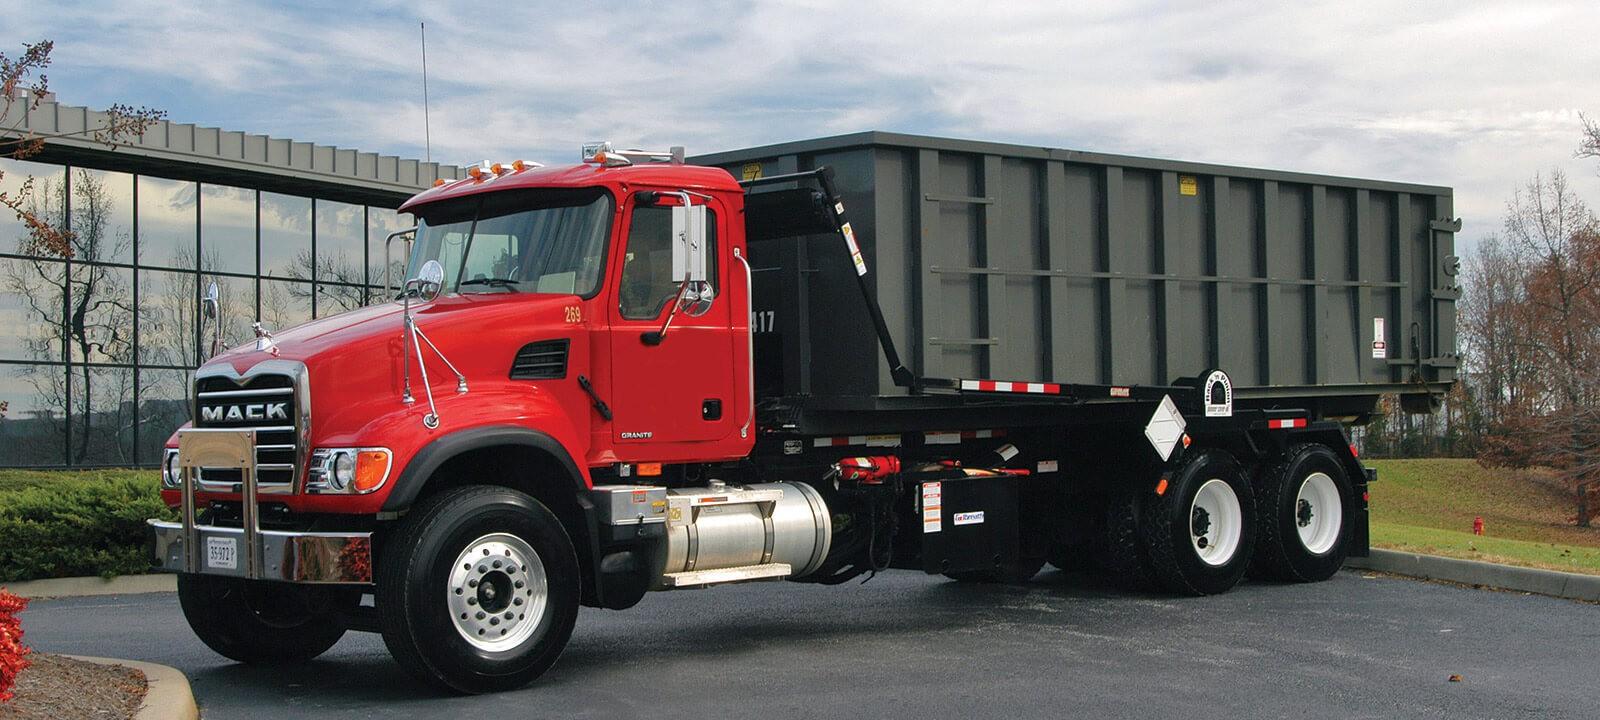 Scottsdale Dumpster Rental & Junk Removal Services Header Image-We Offer Residential and Commercial Dumpster Removal Services, Portable Toilet Services, Dumpster Rentals, Bulk Trash, Demolition Removal, Junk Hauling, Rubbish Removal, Waste Containers, Debris Removal, 20 & 30 Yard Container Rentals, and much more!